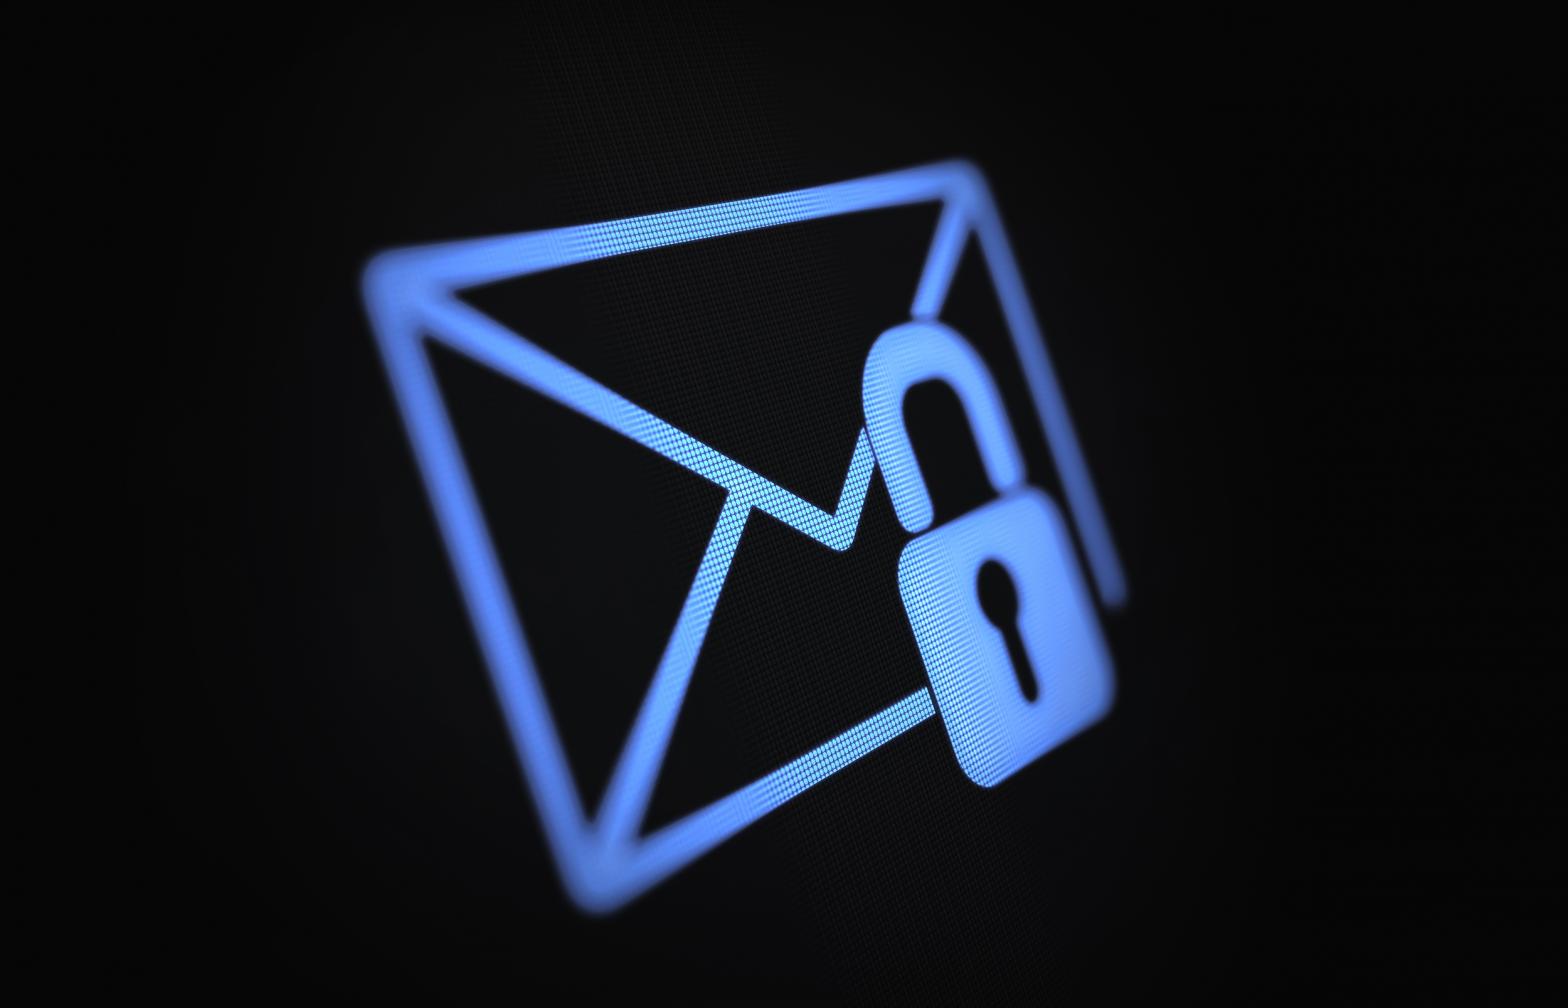 Вы Не Можете Полностью Защитить Электронную Почту Вашей Компании, Но Вот Как Вы Можете Защитить Ее Содержимое